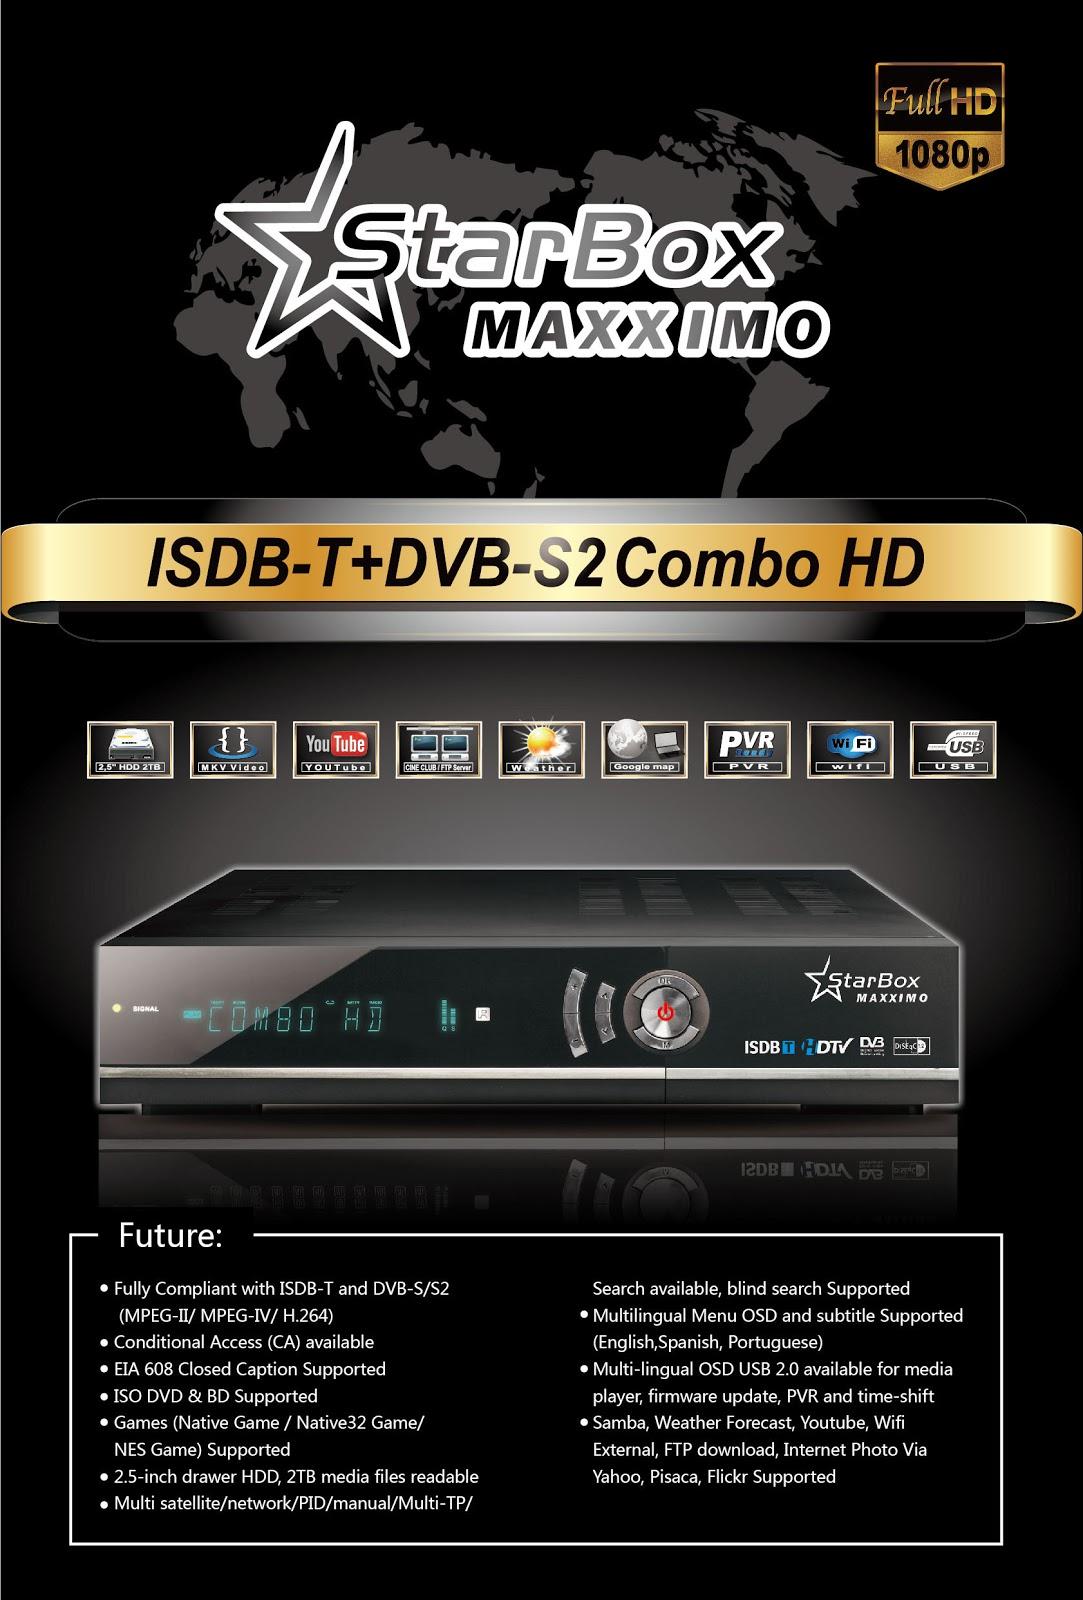 Resultado de imagem para StarBOX MAXXIMO,FULLHD,WIFI,